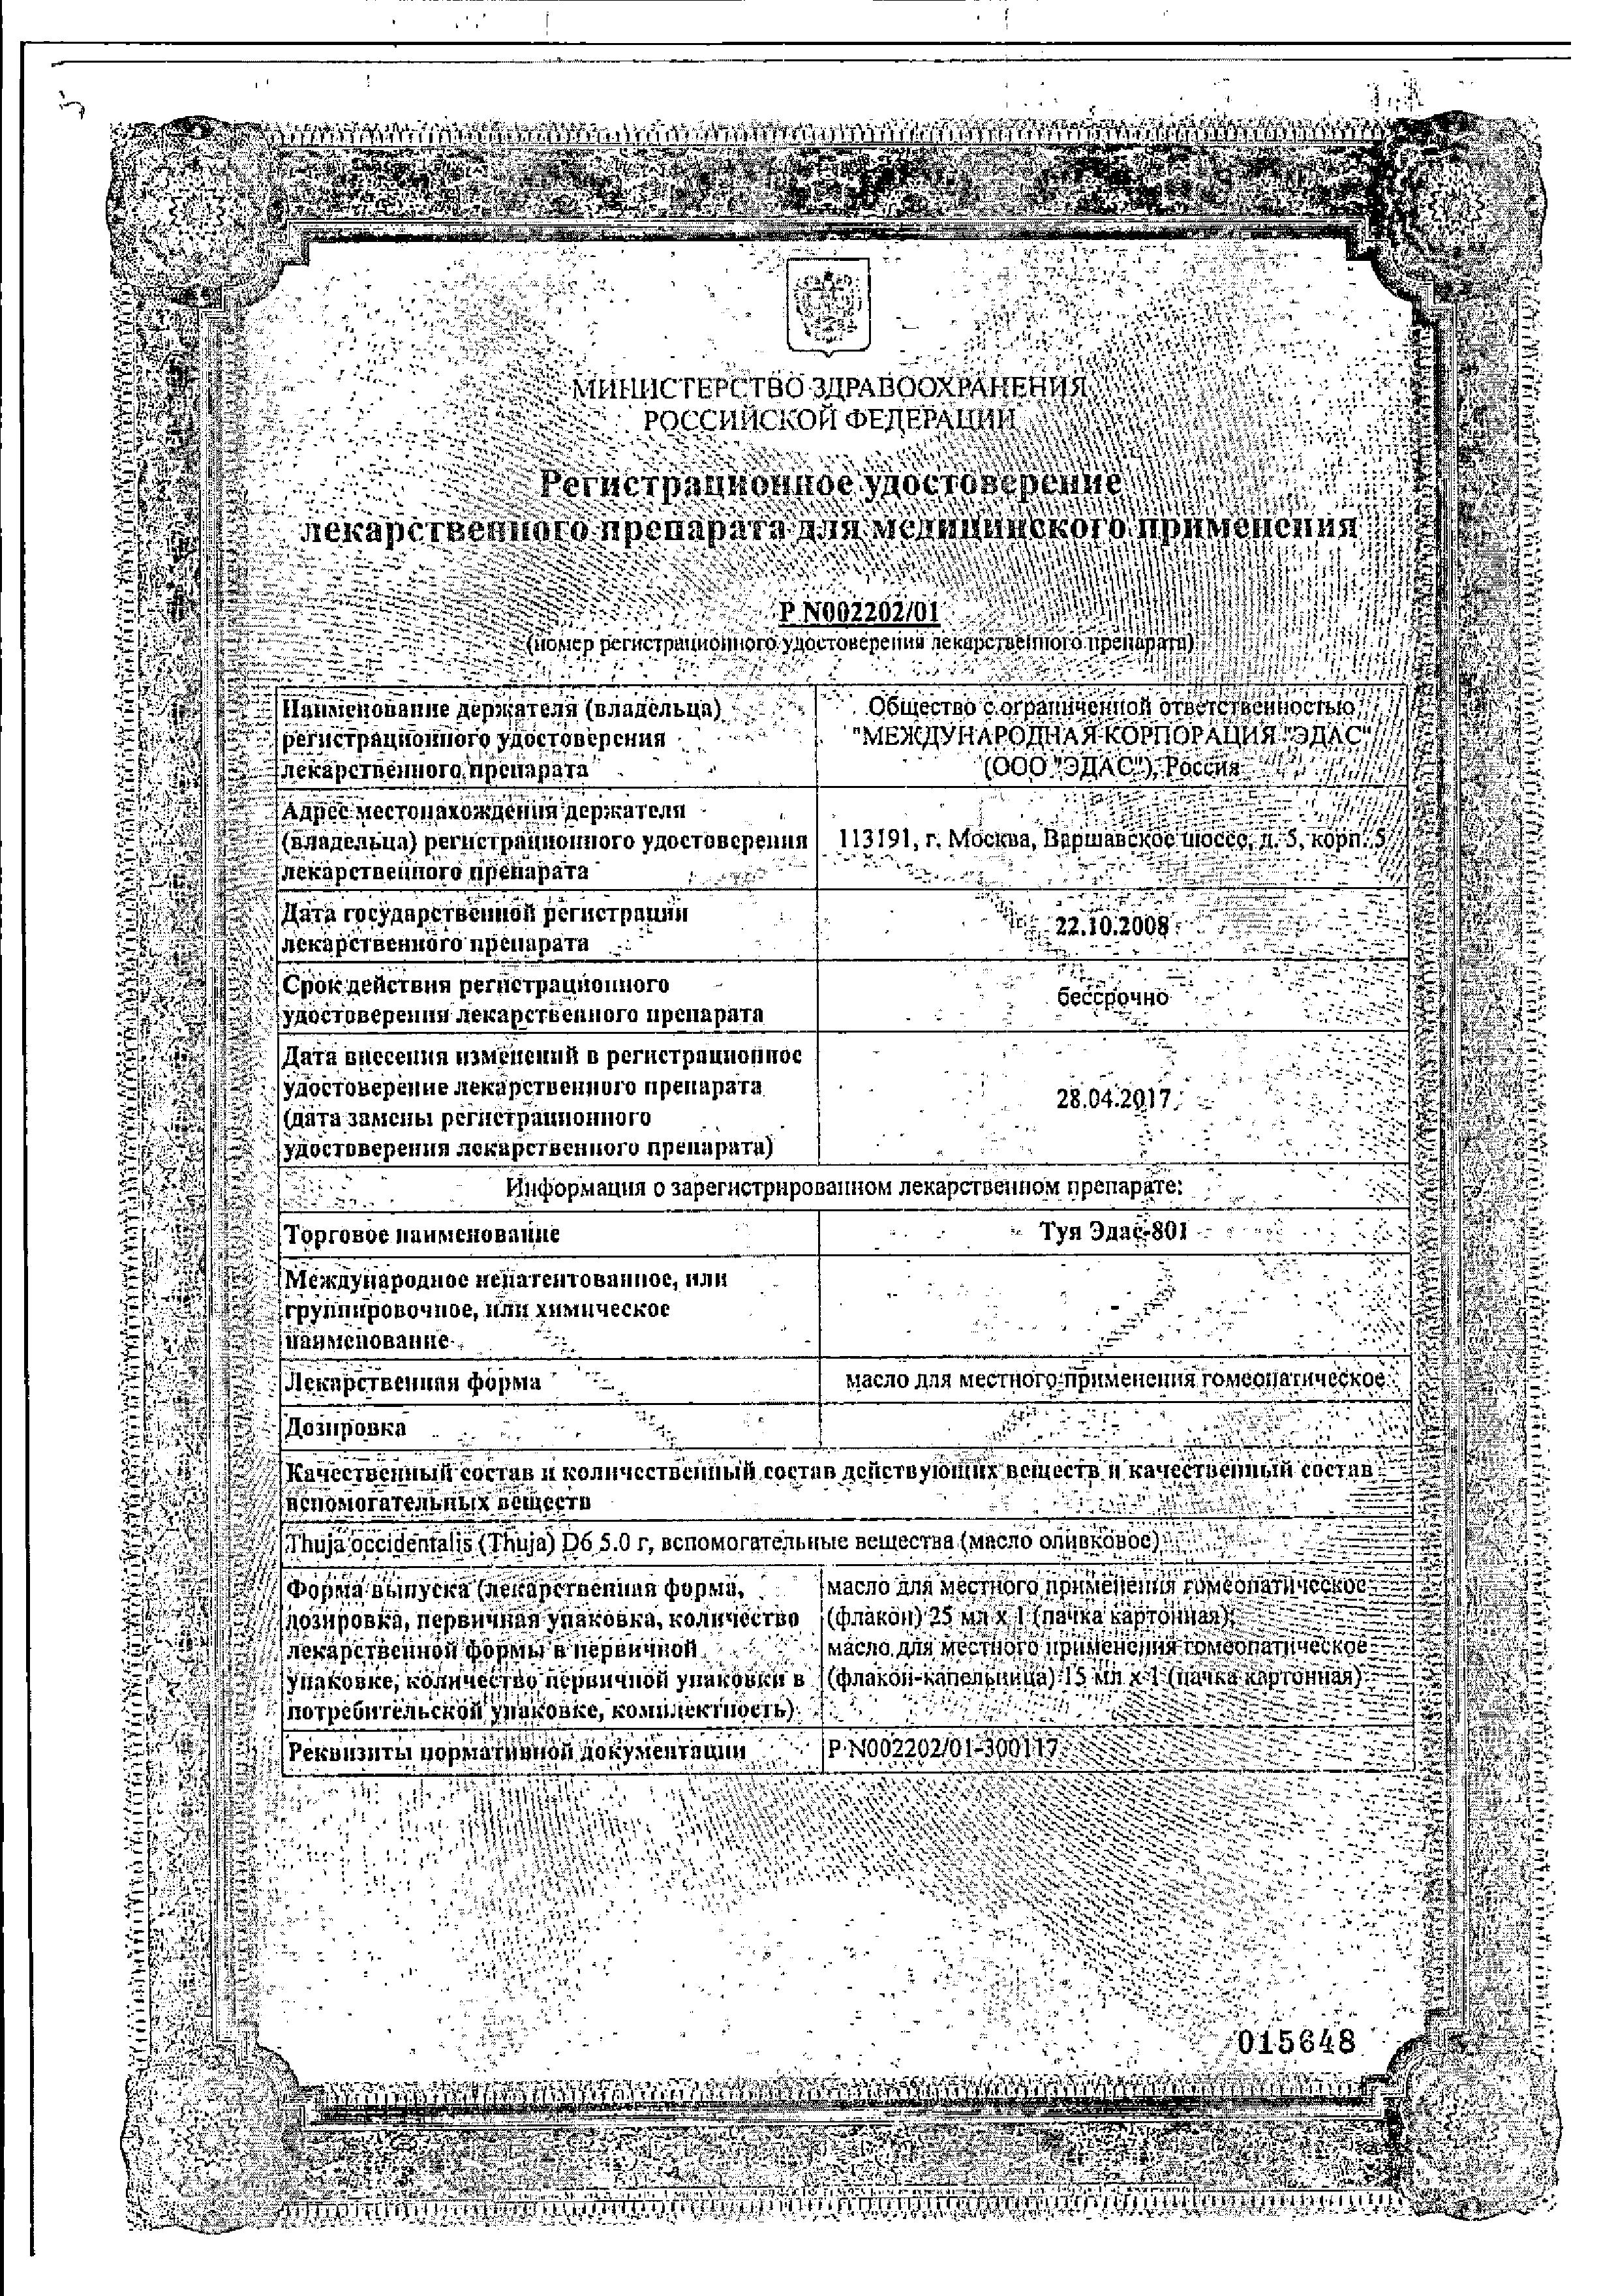 Эдас-801 Туя сертификат